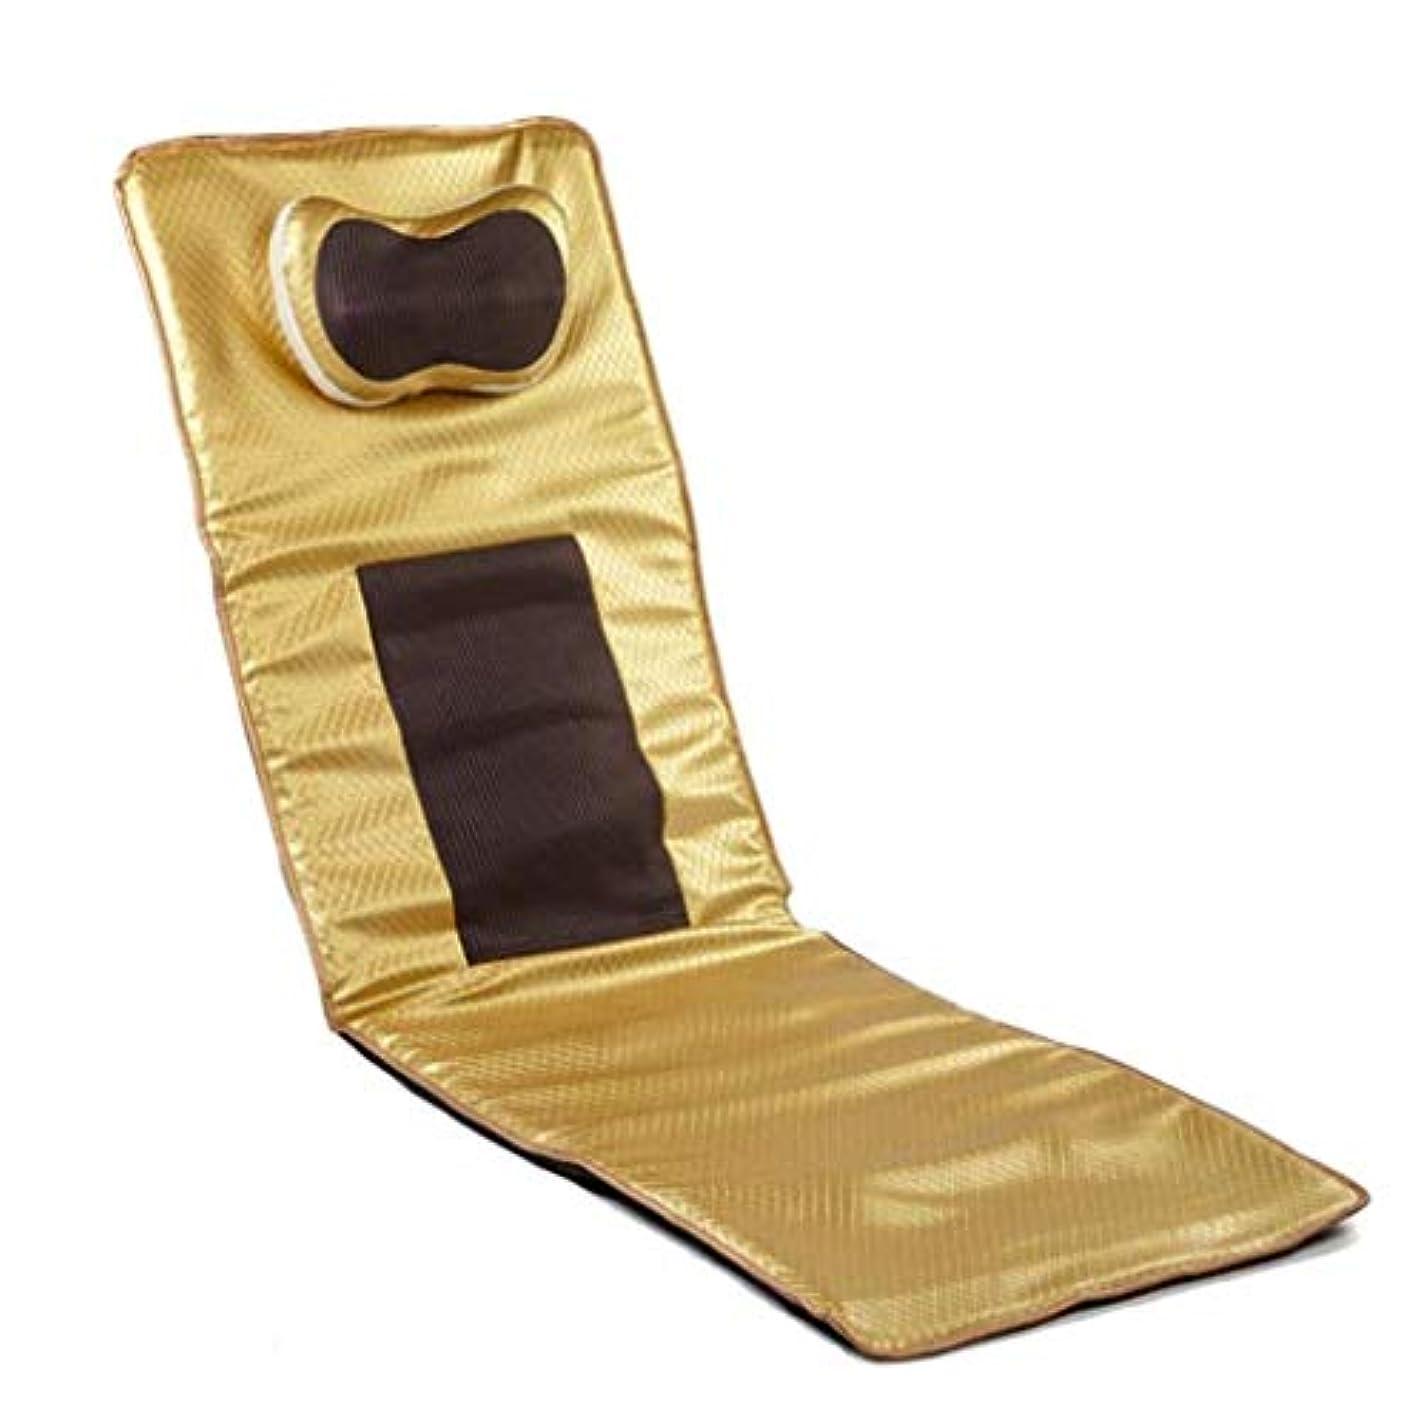 ブレークカフェテリア楽な電気マッサージクッション、全身加熱マッサージクッション、マッサージ枕付き、折り畳み式の多機能電気マッサージマットレス、痛み/圧力を和らげる